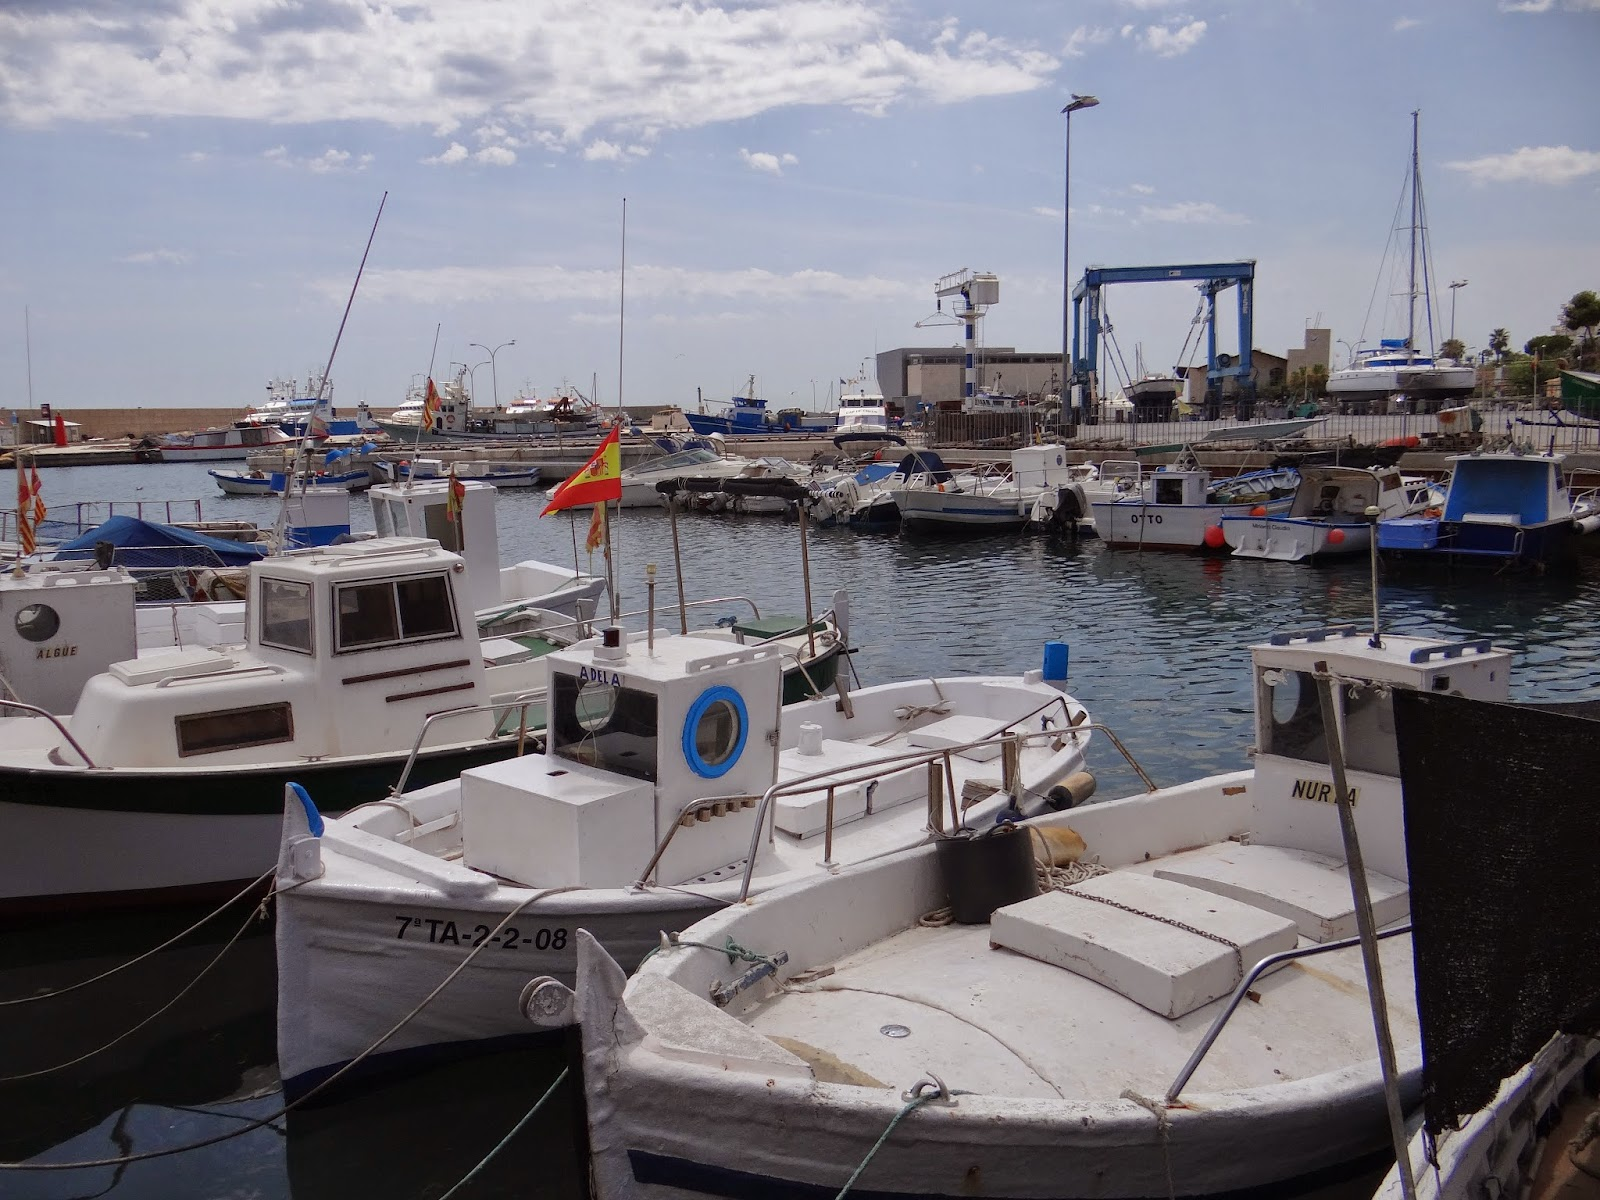 L'Ametlla de Mar (puerto)